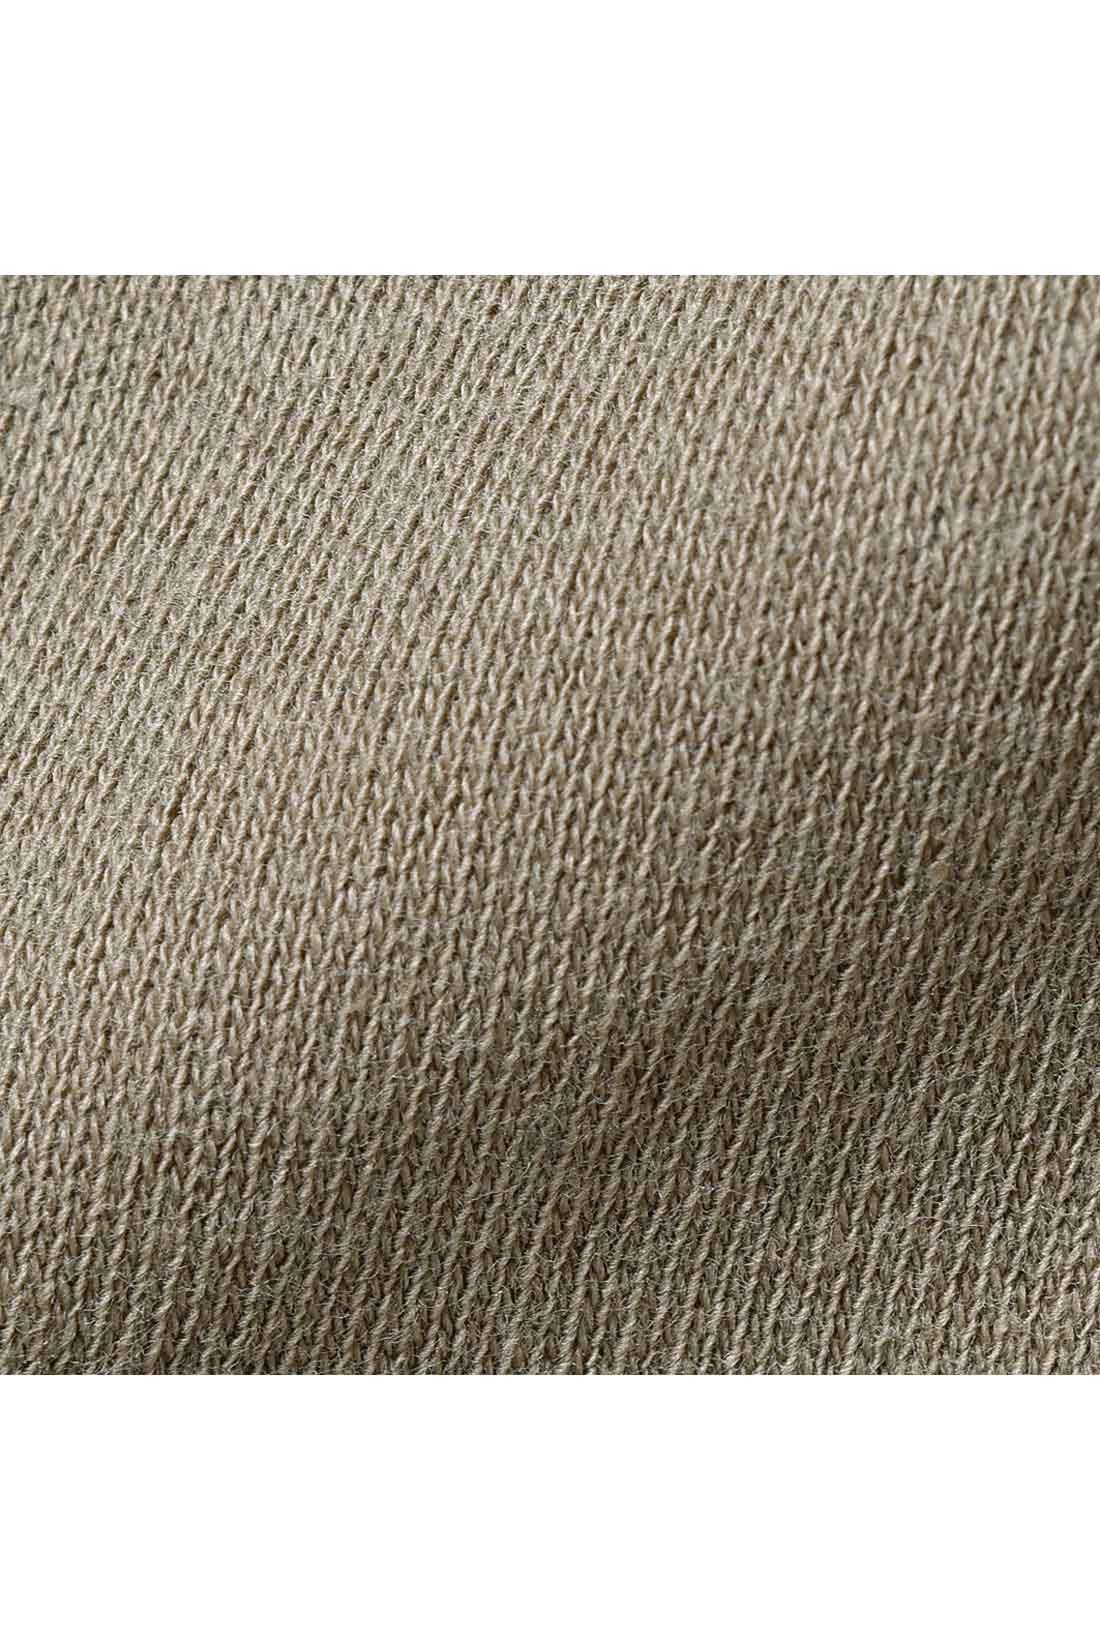 綿100%でいつも心地よく。 身ごろは夏に快適で、伸びやかに動ける綿100%のやわらかなカットソー素材。